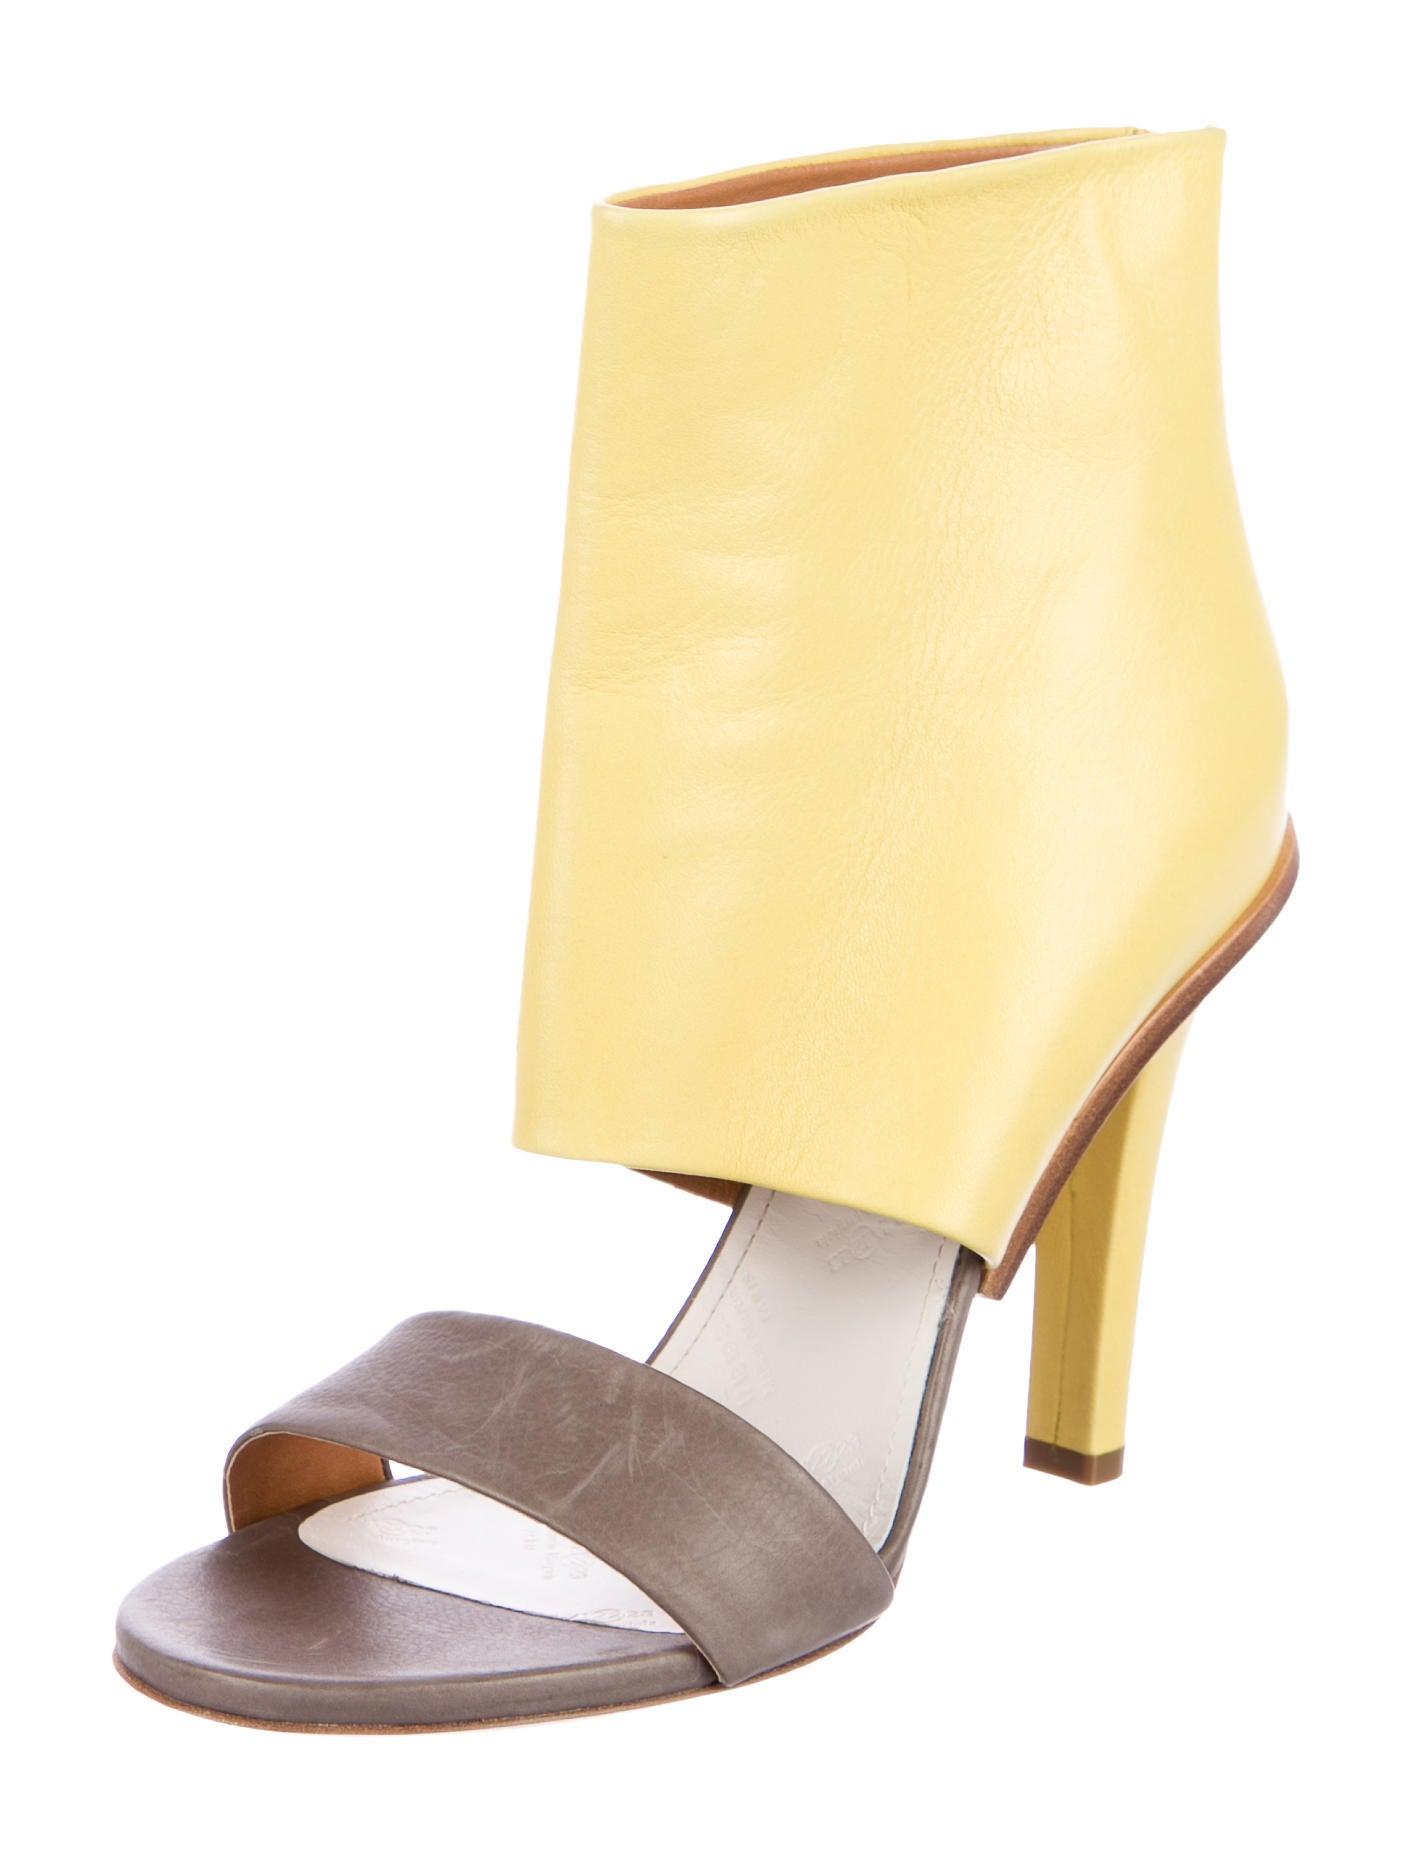 Maison Margiela Leather Bi-Color Sandals cheap sale best supply cheap price buy cheap deals best sale very cheap price 20qR8